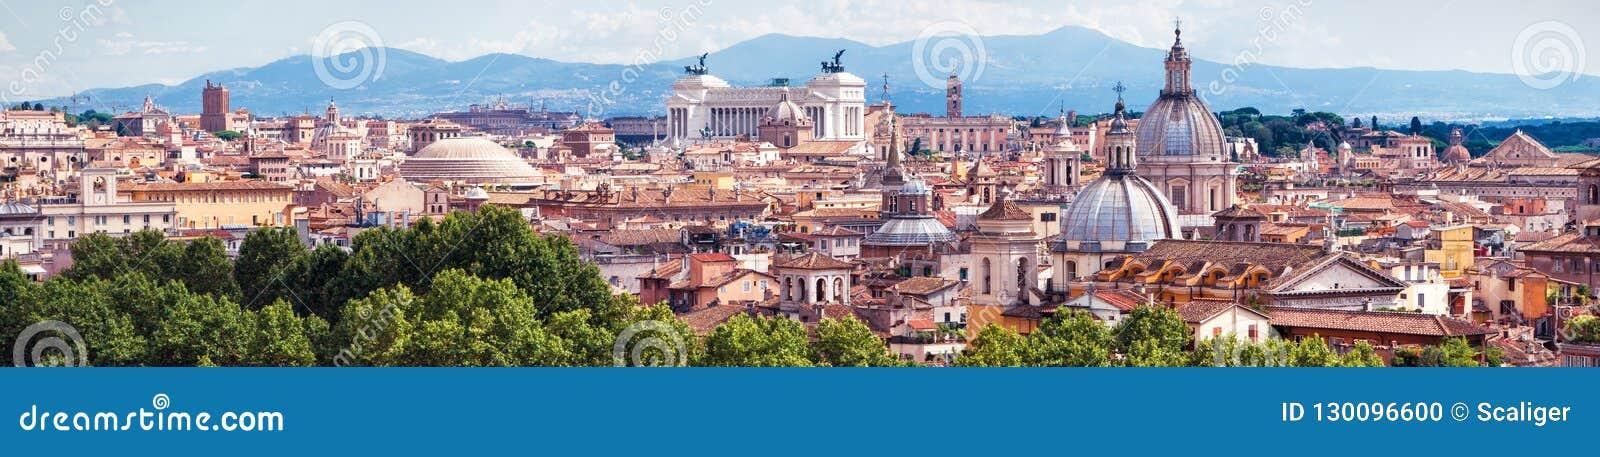 Vue panoramique aérienne de Rome, Italie